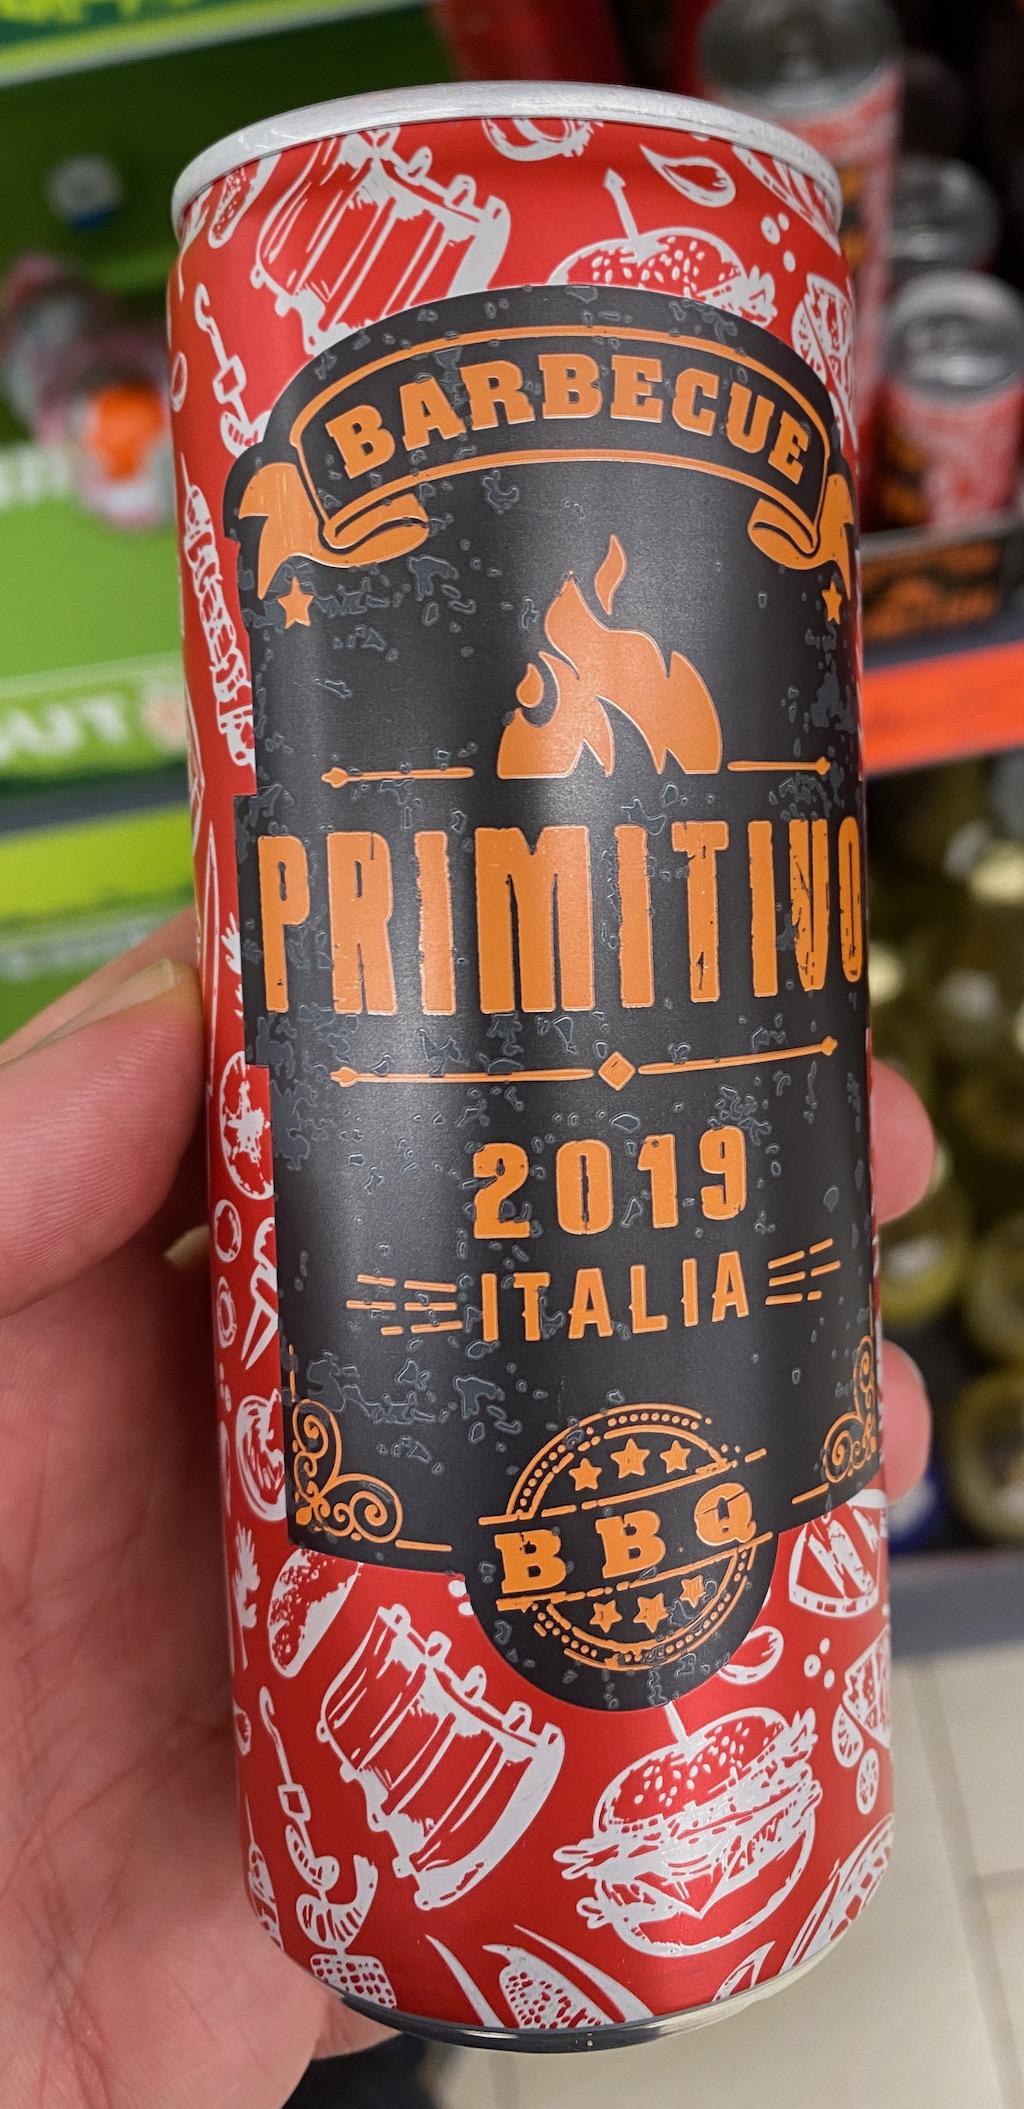 Barbecue Primitivo 2019 Italia BBQ Getränkedose